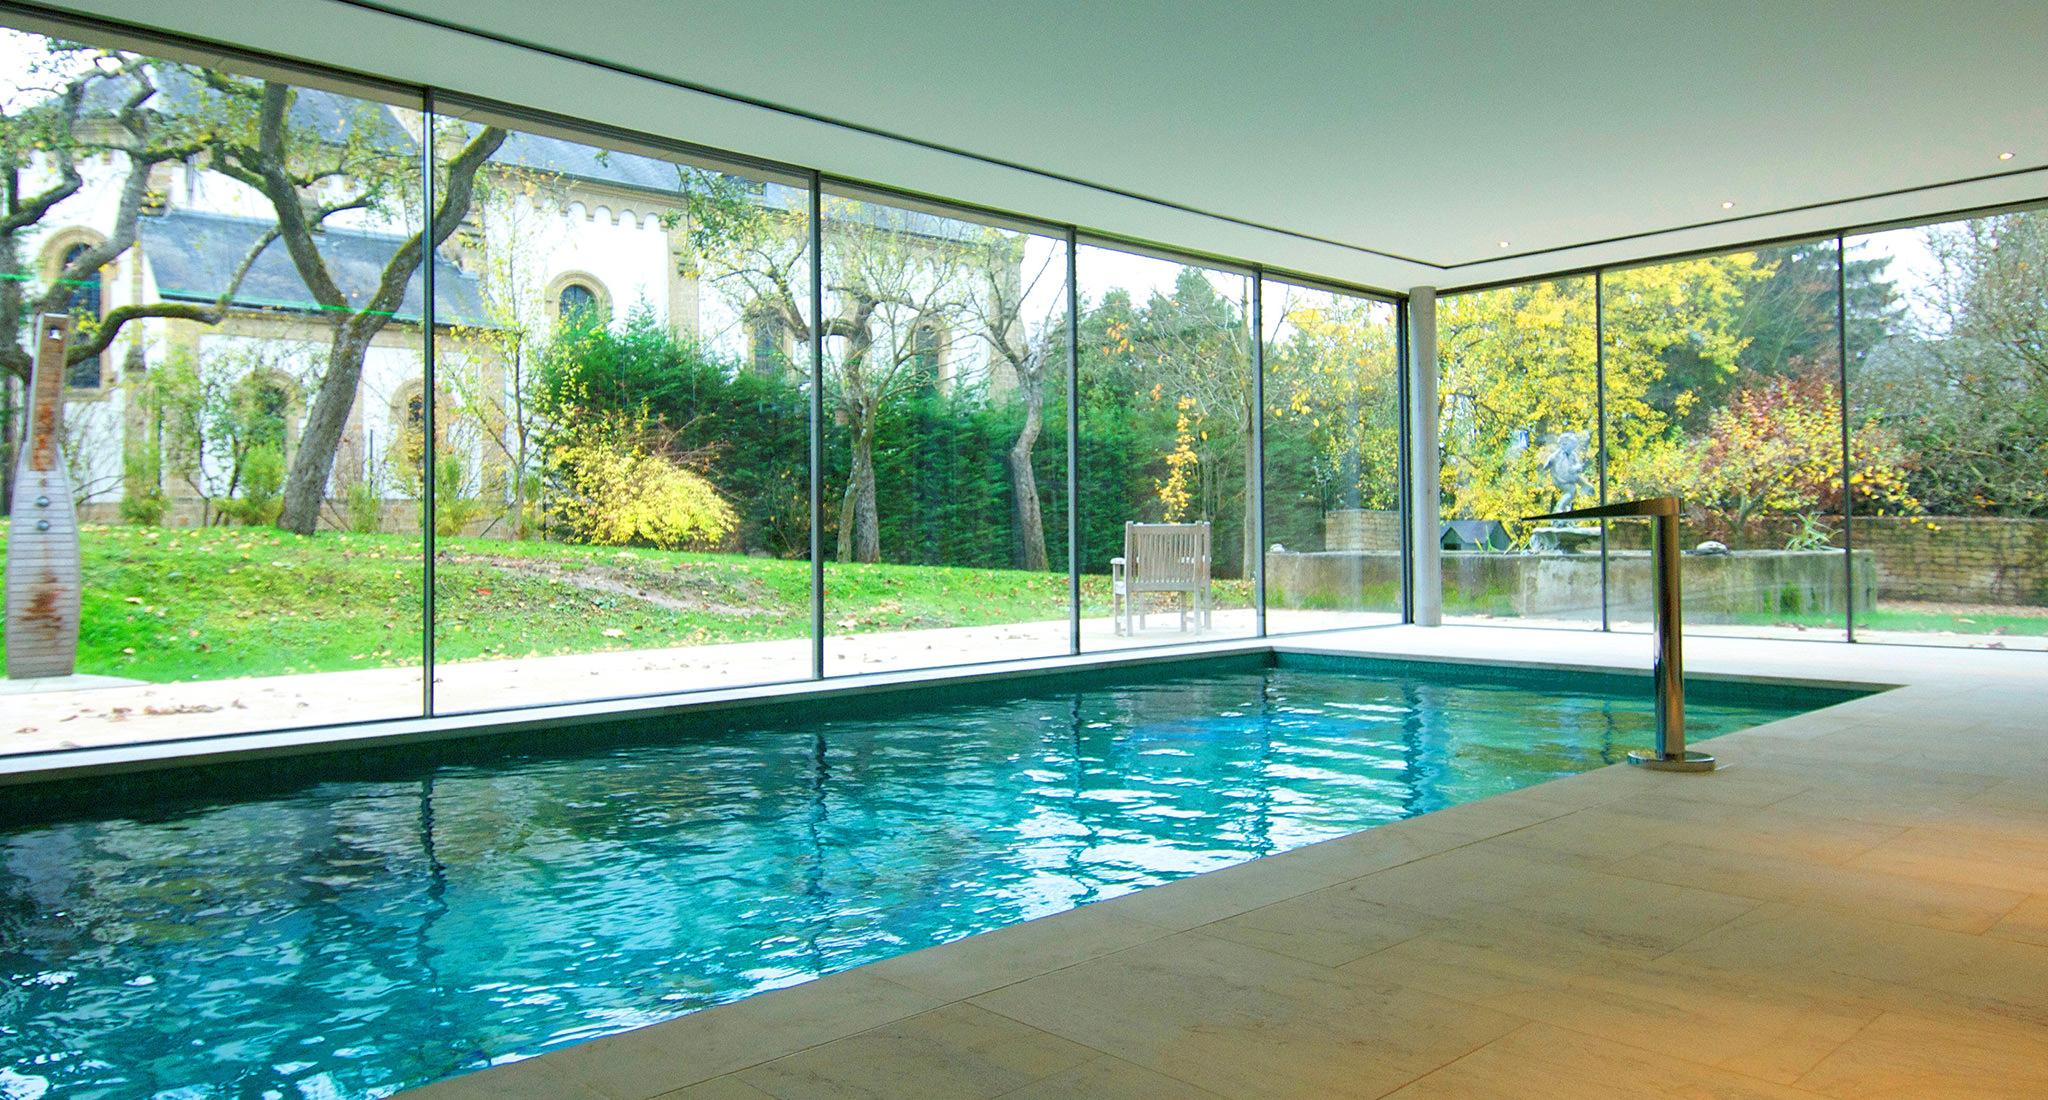 Windschutz Aus Plexiglas ~ Elegant balkon windschutz plexiglas haus design ideen